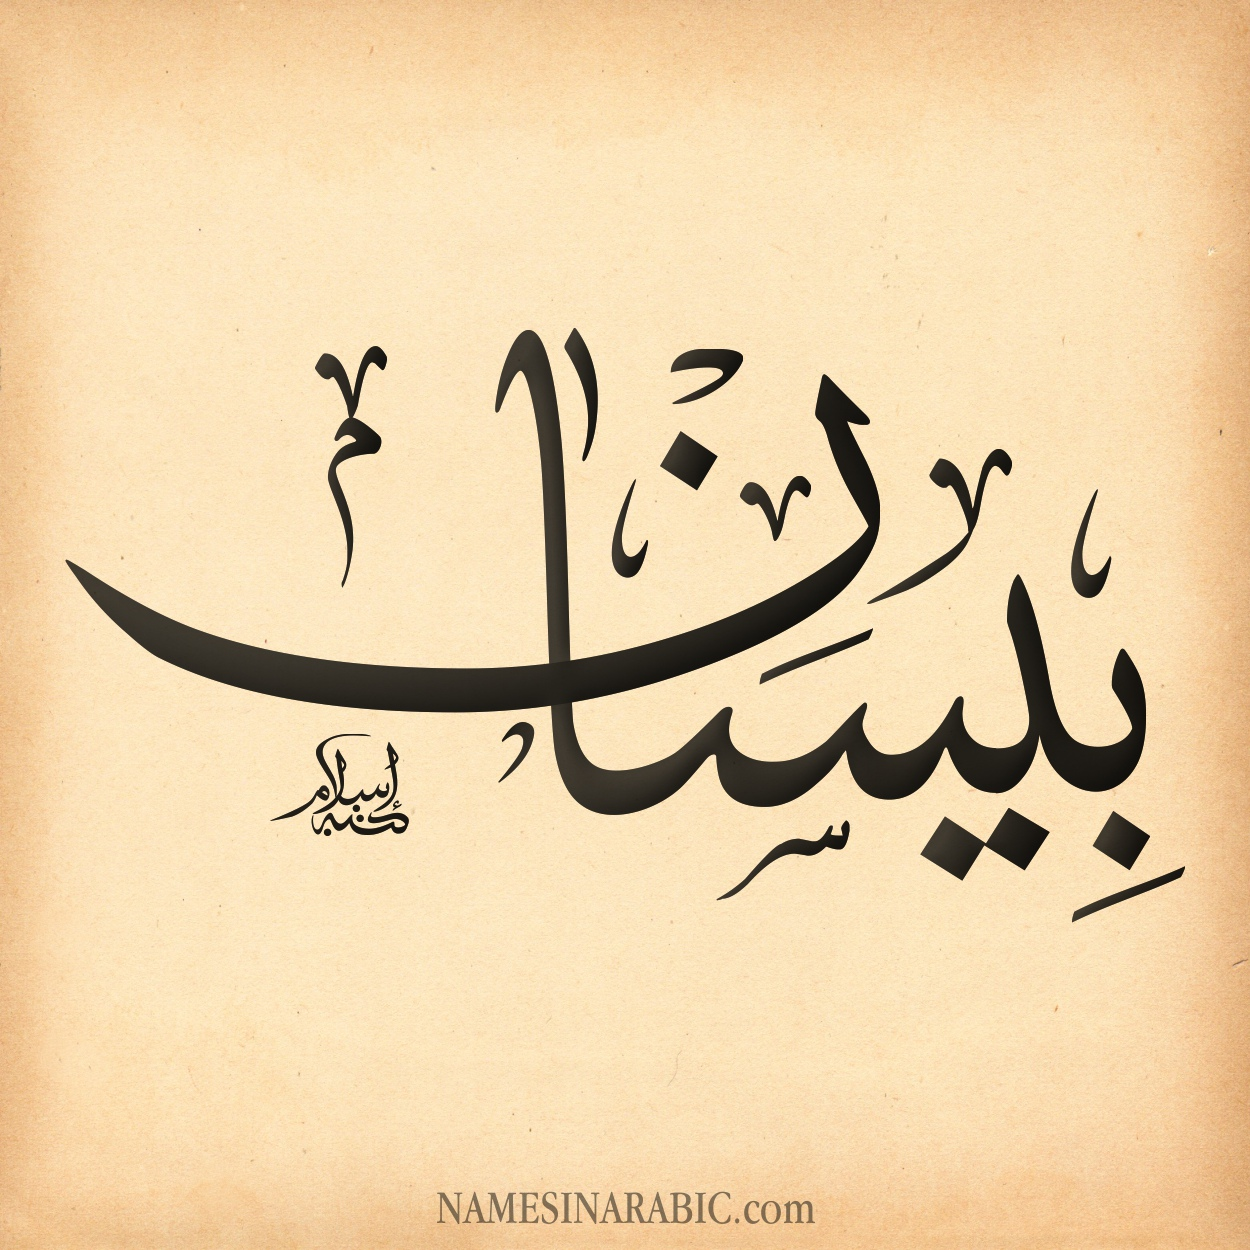 صورة اسم بيسان Besan اسم بيسان بالخط العربي من موقع الأسماء بالخط العربي بريشة الفنان إسلام ابن الفضل